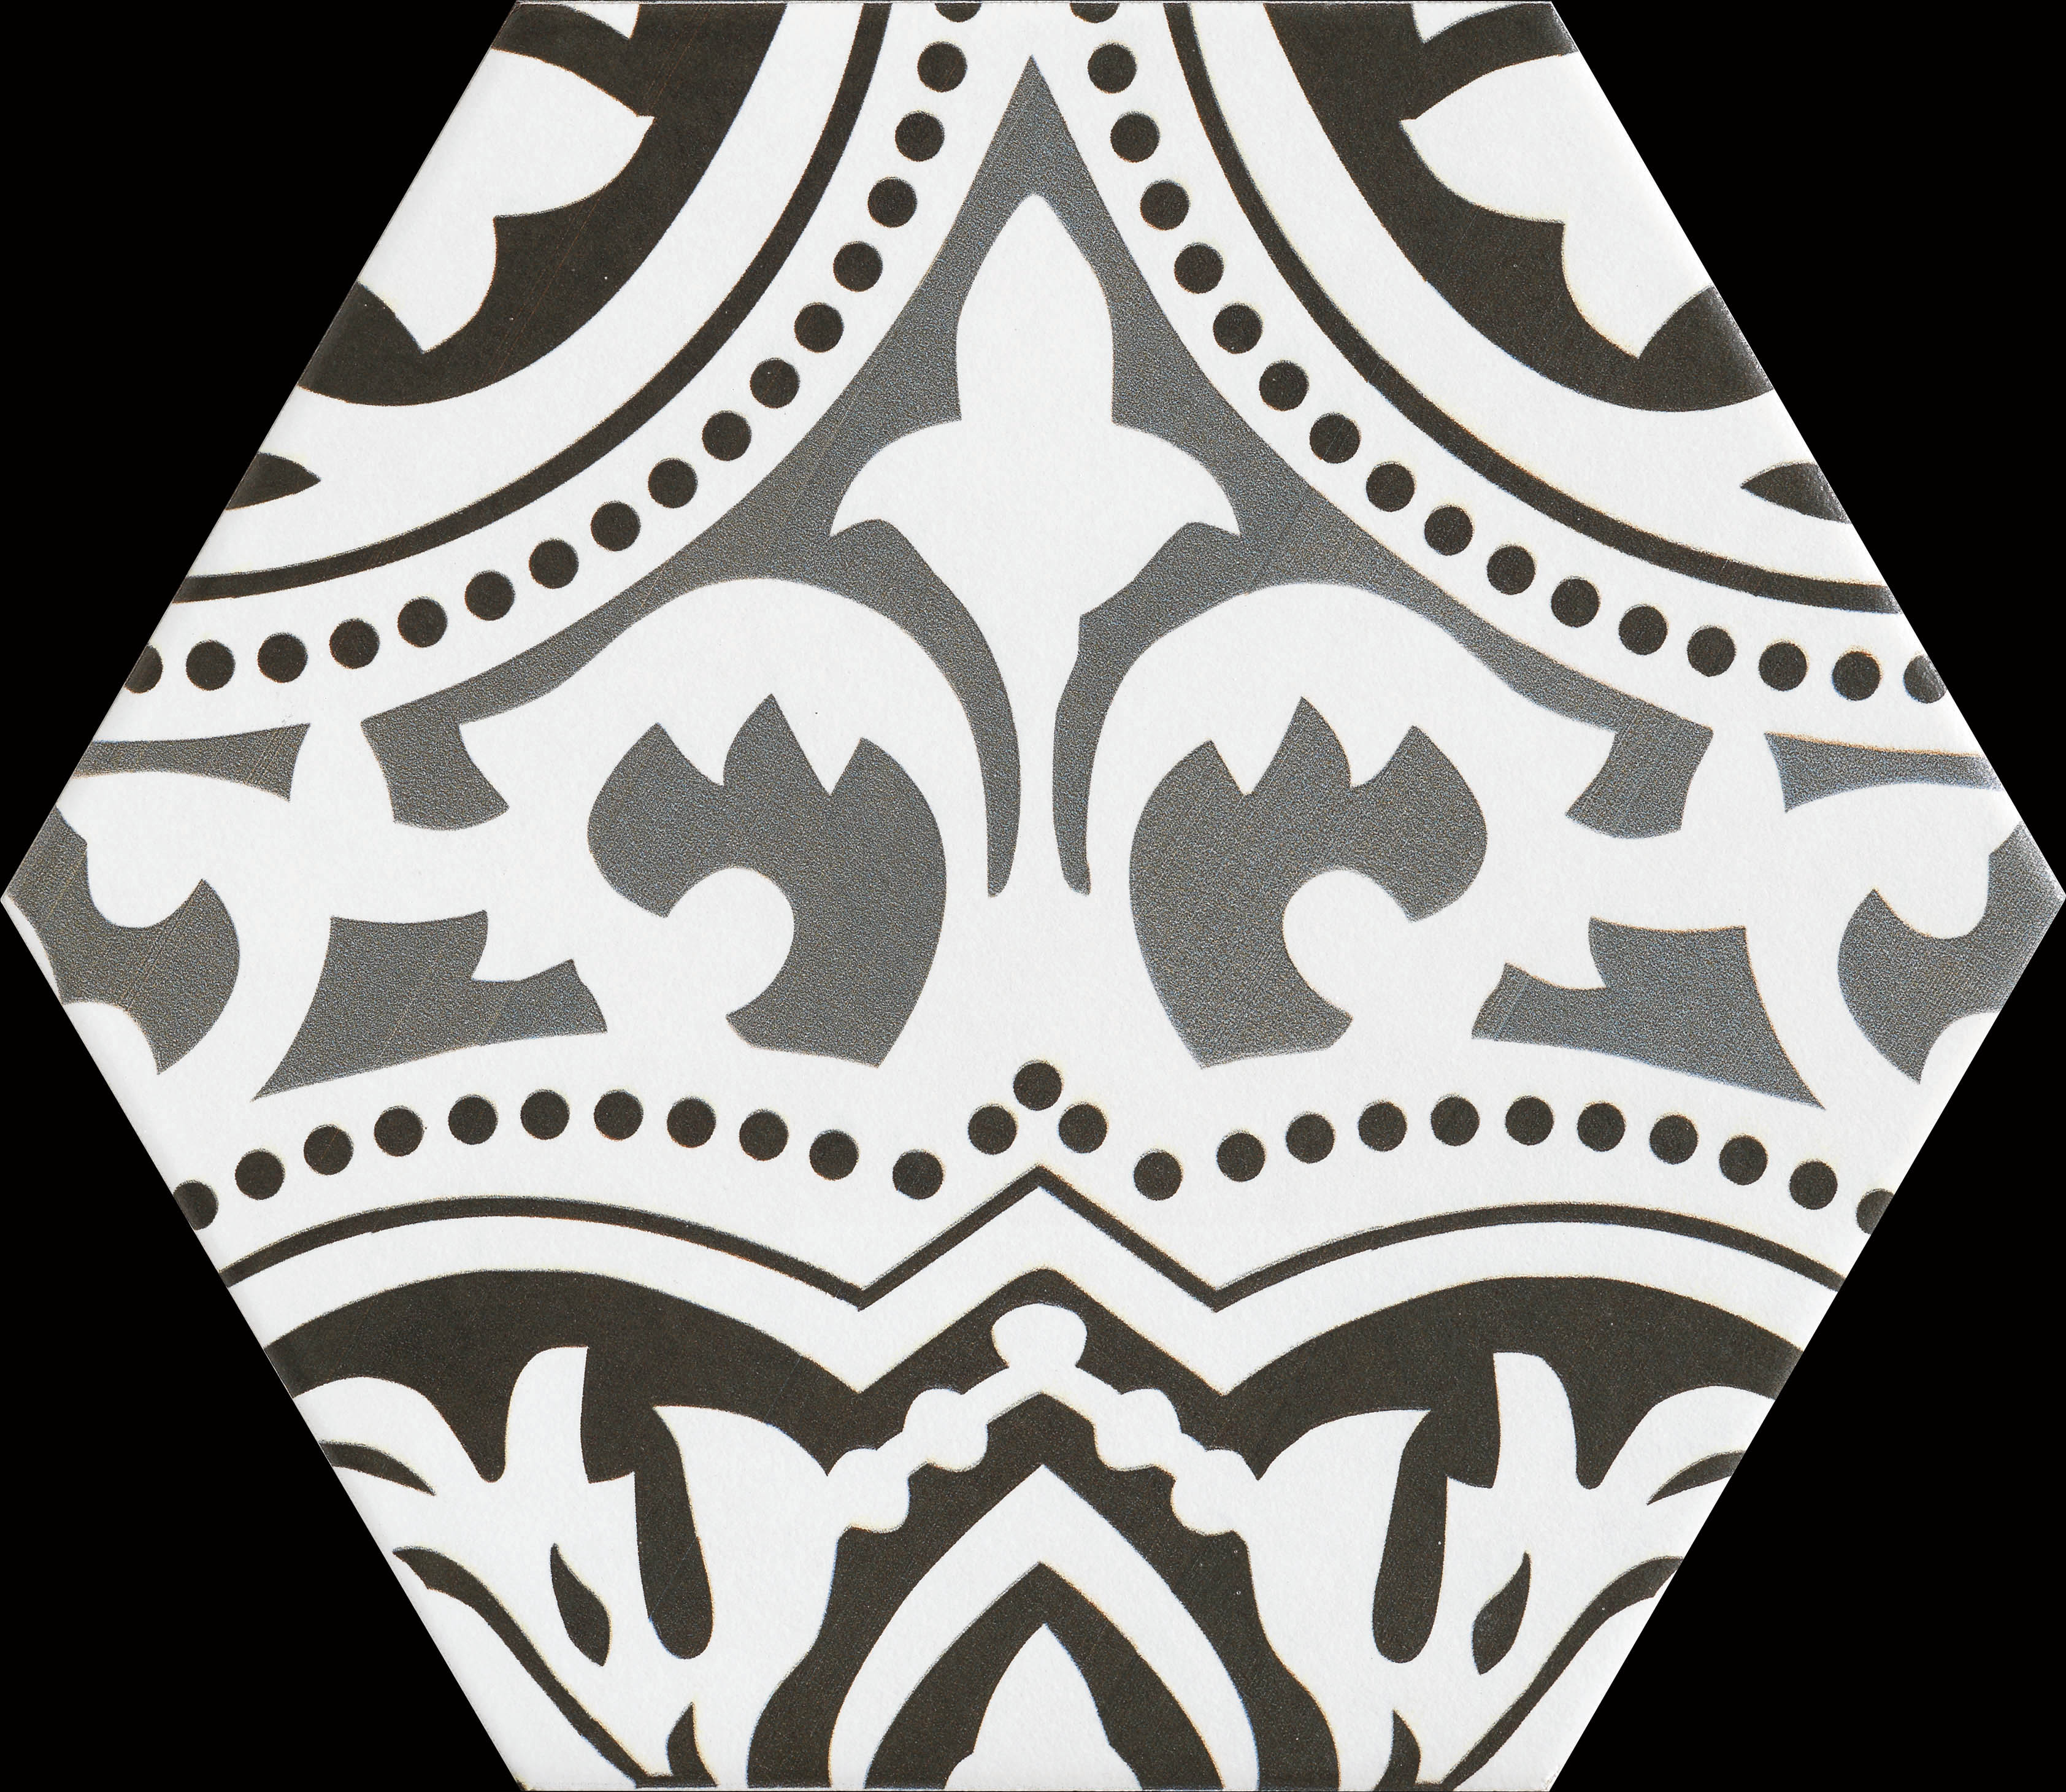 Hexagon Decor